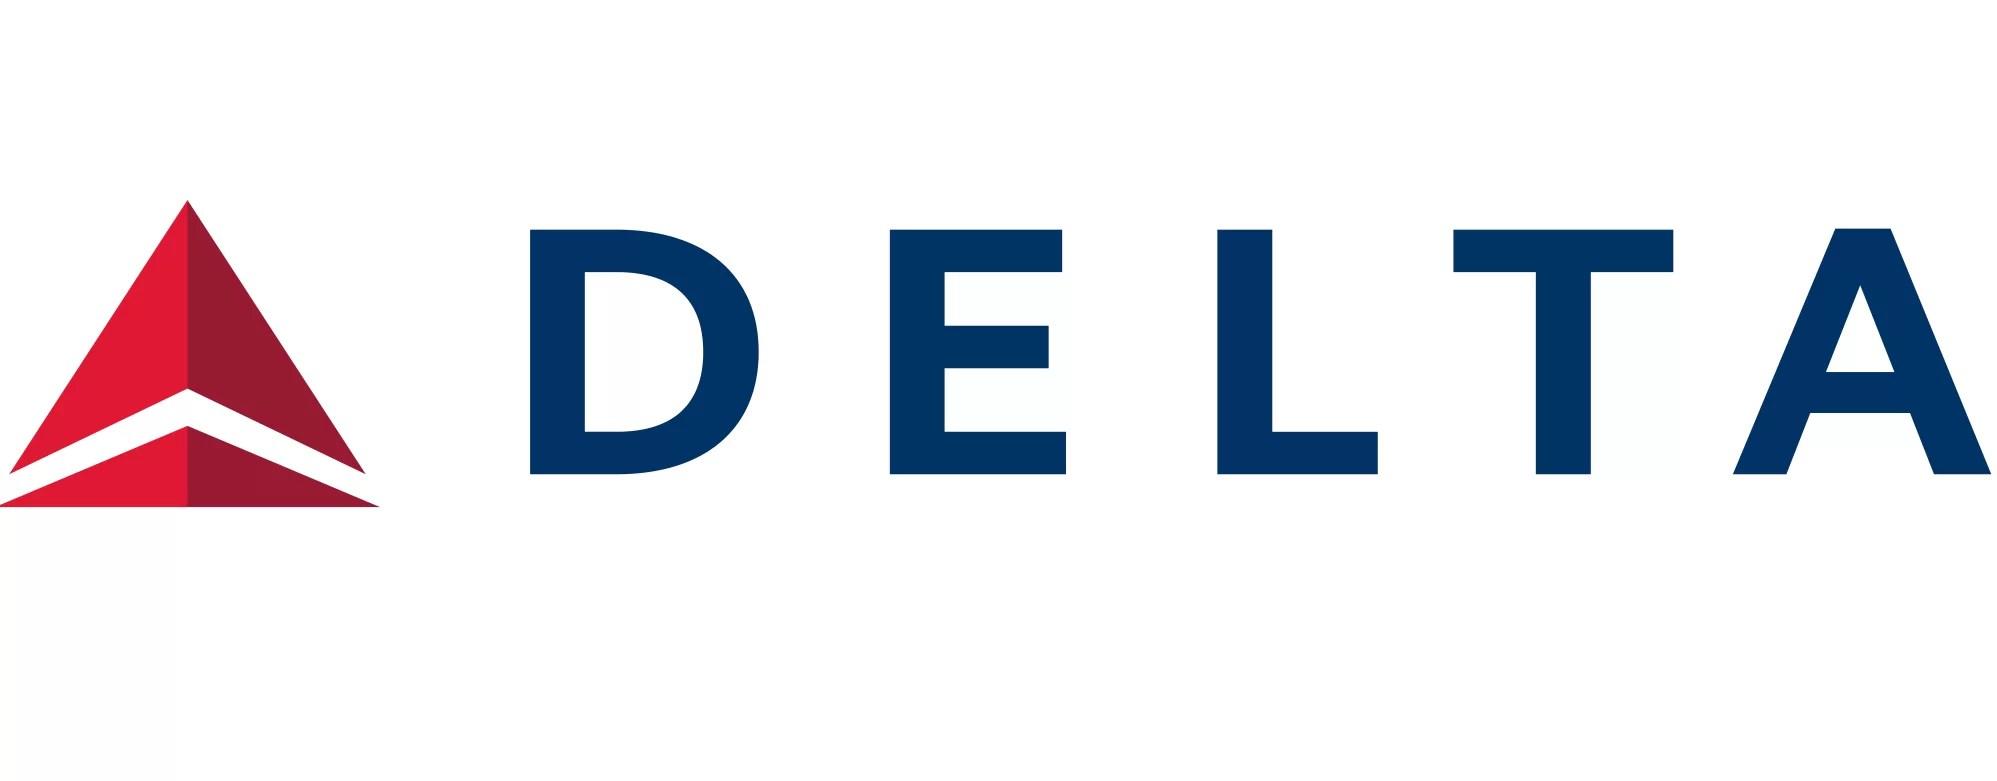 Resultado de imagen para Delta TechOps airliners